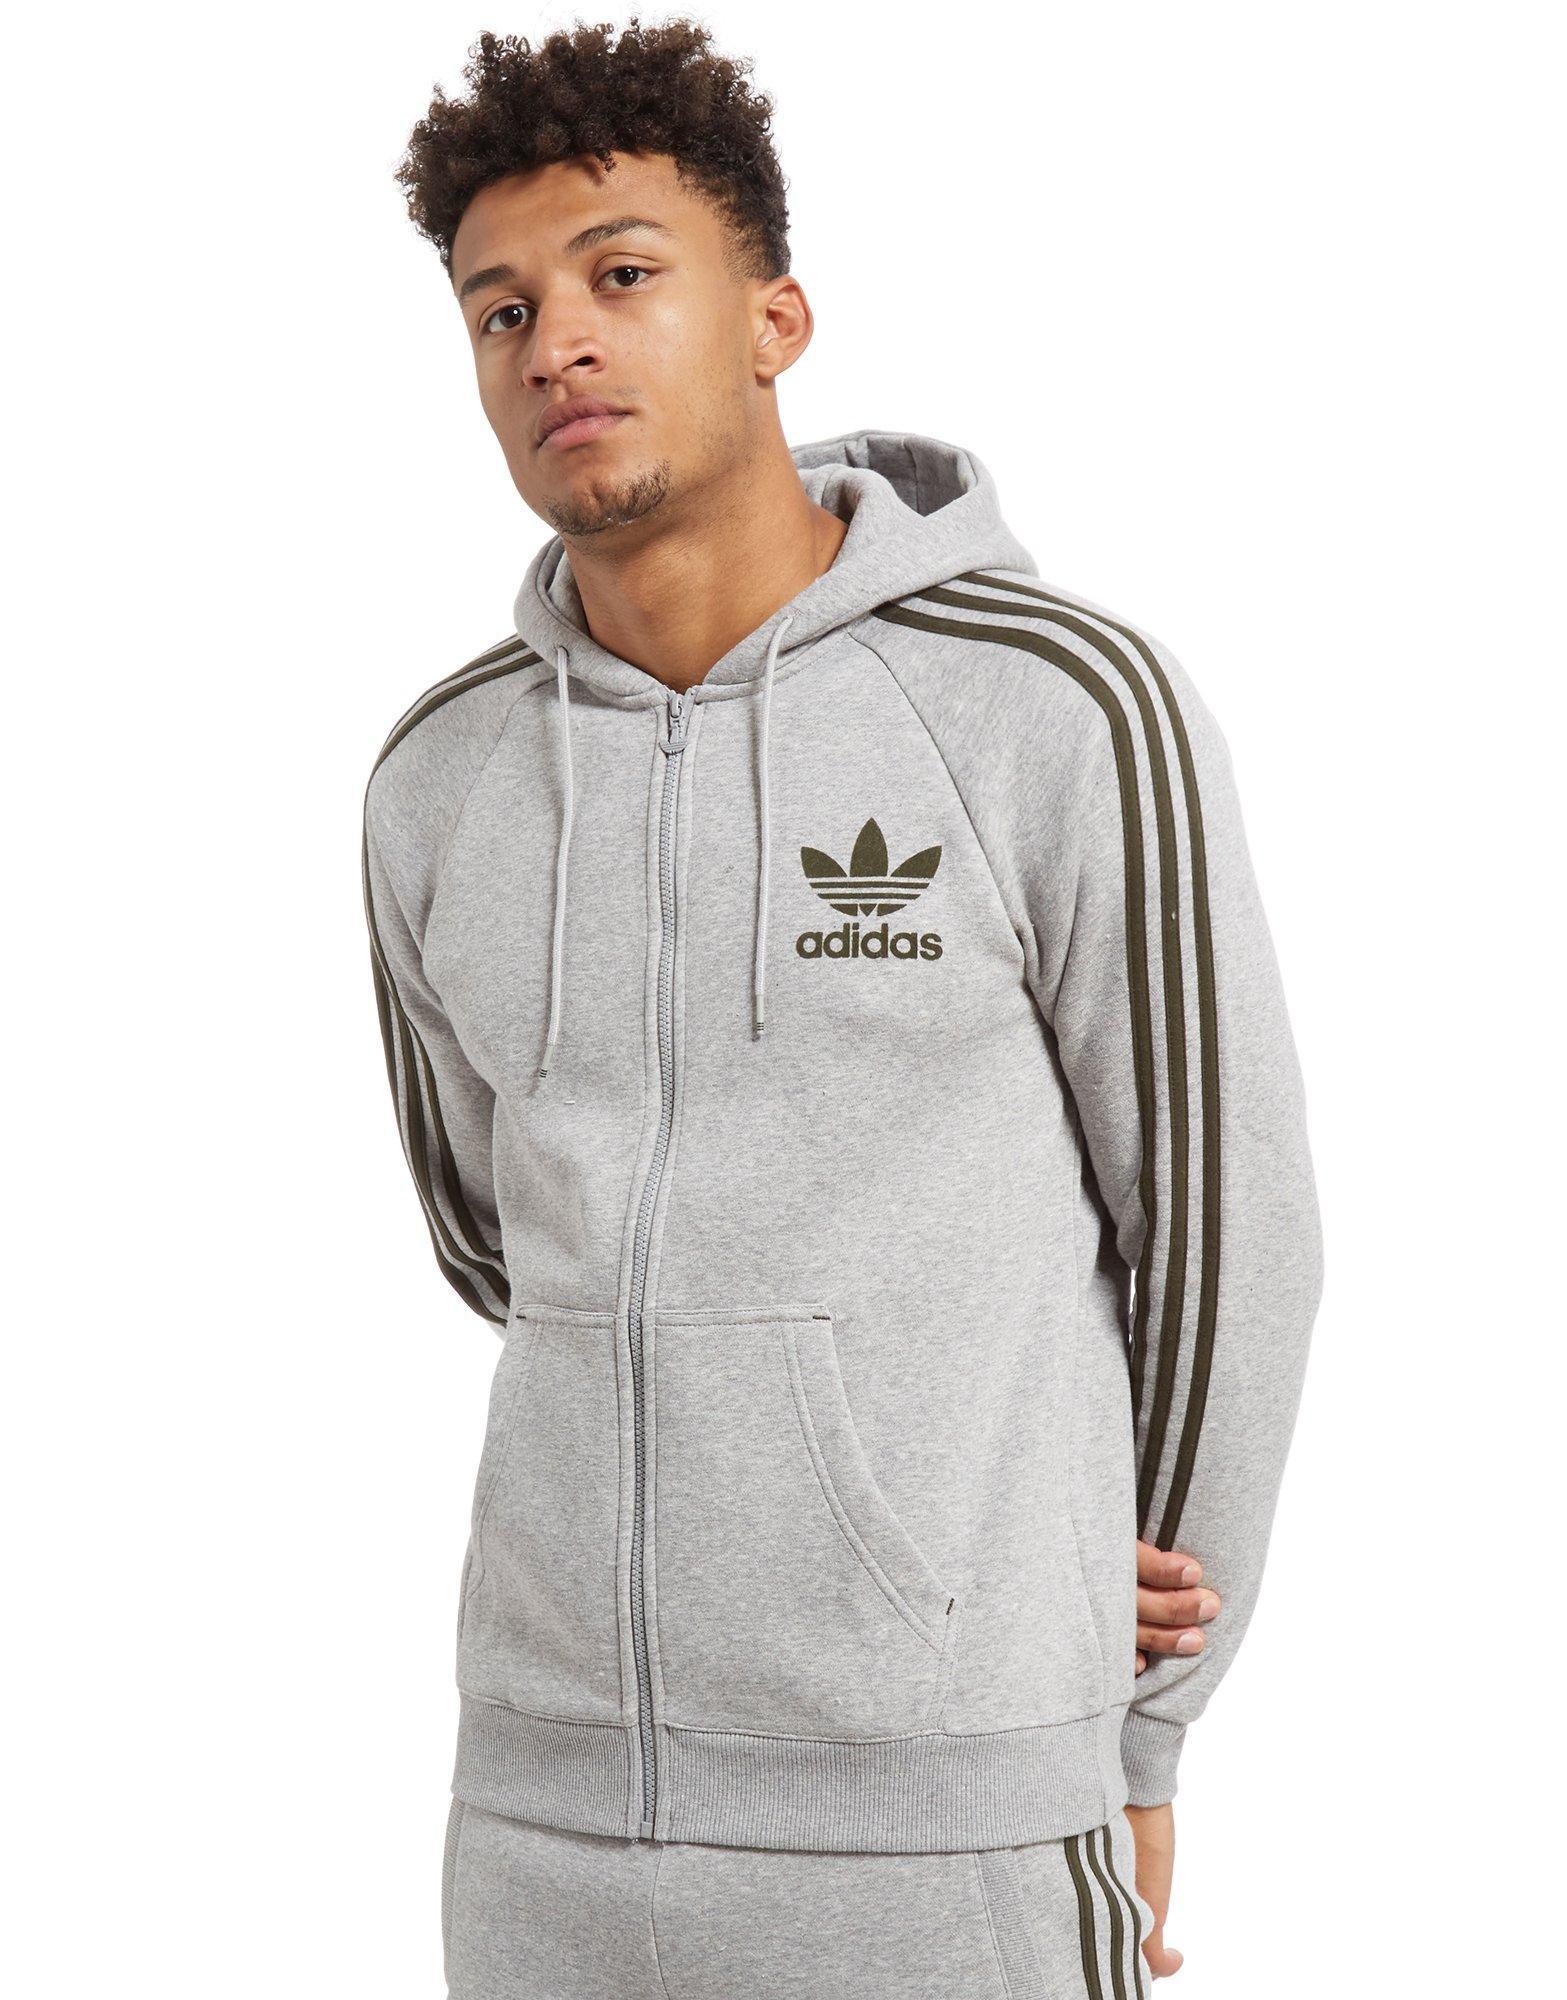 4634d2fc58ea adidas Originals California Full Zip Hoodie in Gray for Men - Lyst